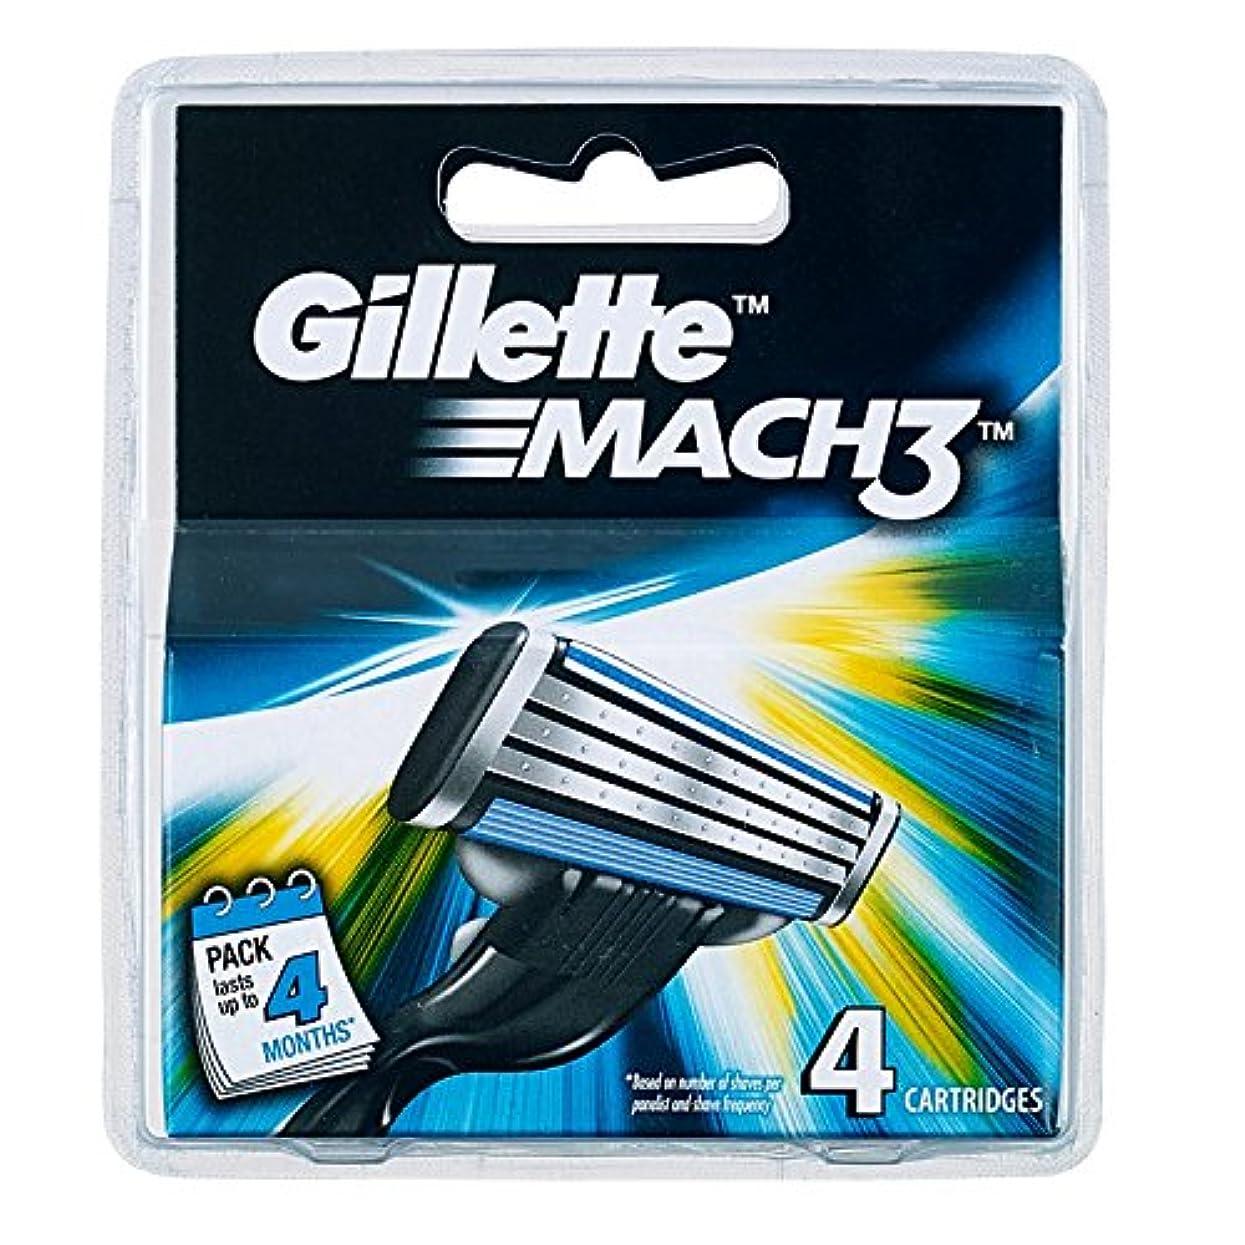 ジャーナル便宜ベリーGillette MACH3 SHAVING RAZOR CARTRIDGES BLADES 4 Pack [並行輸入品]